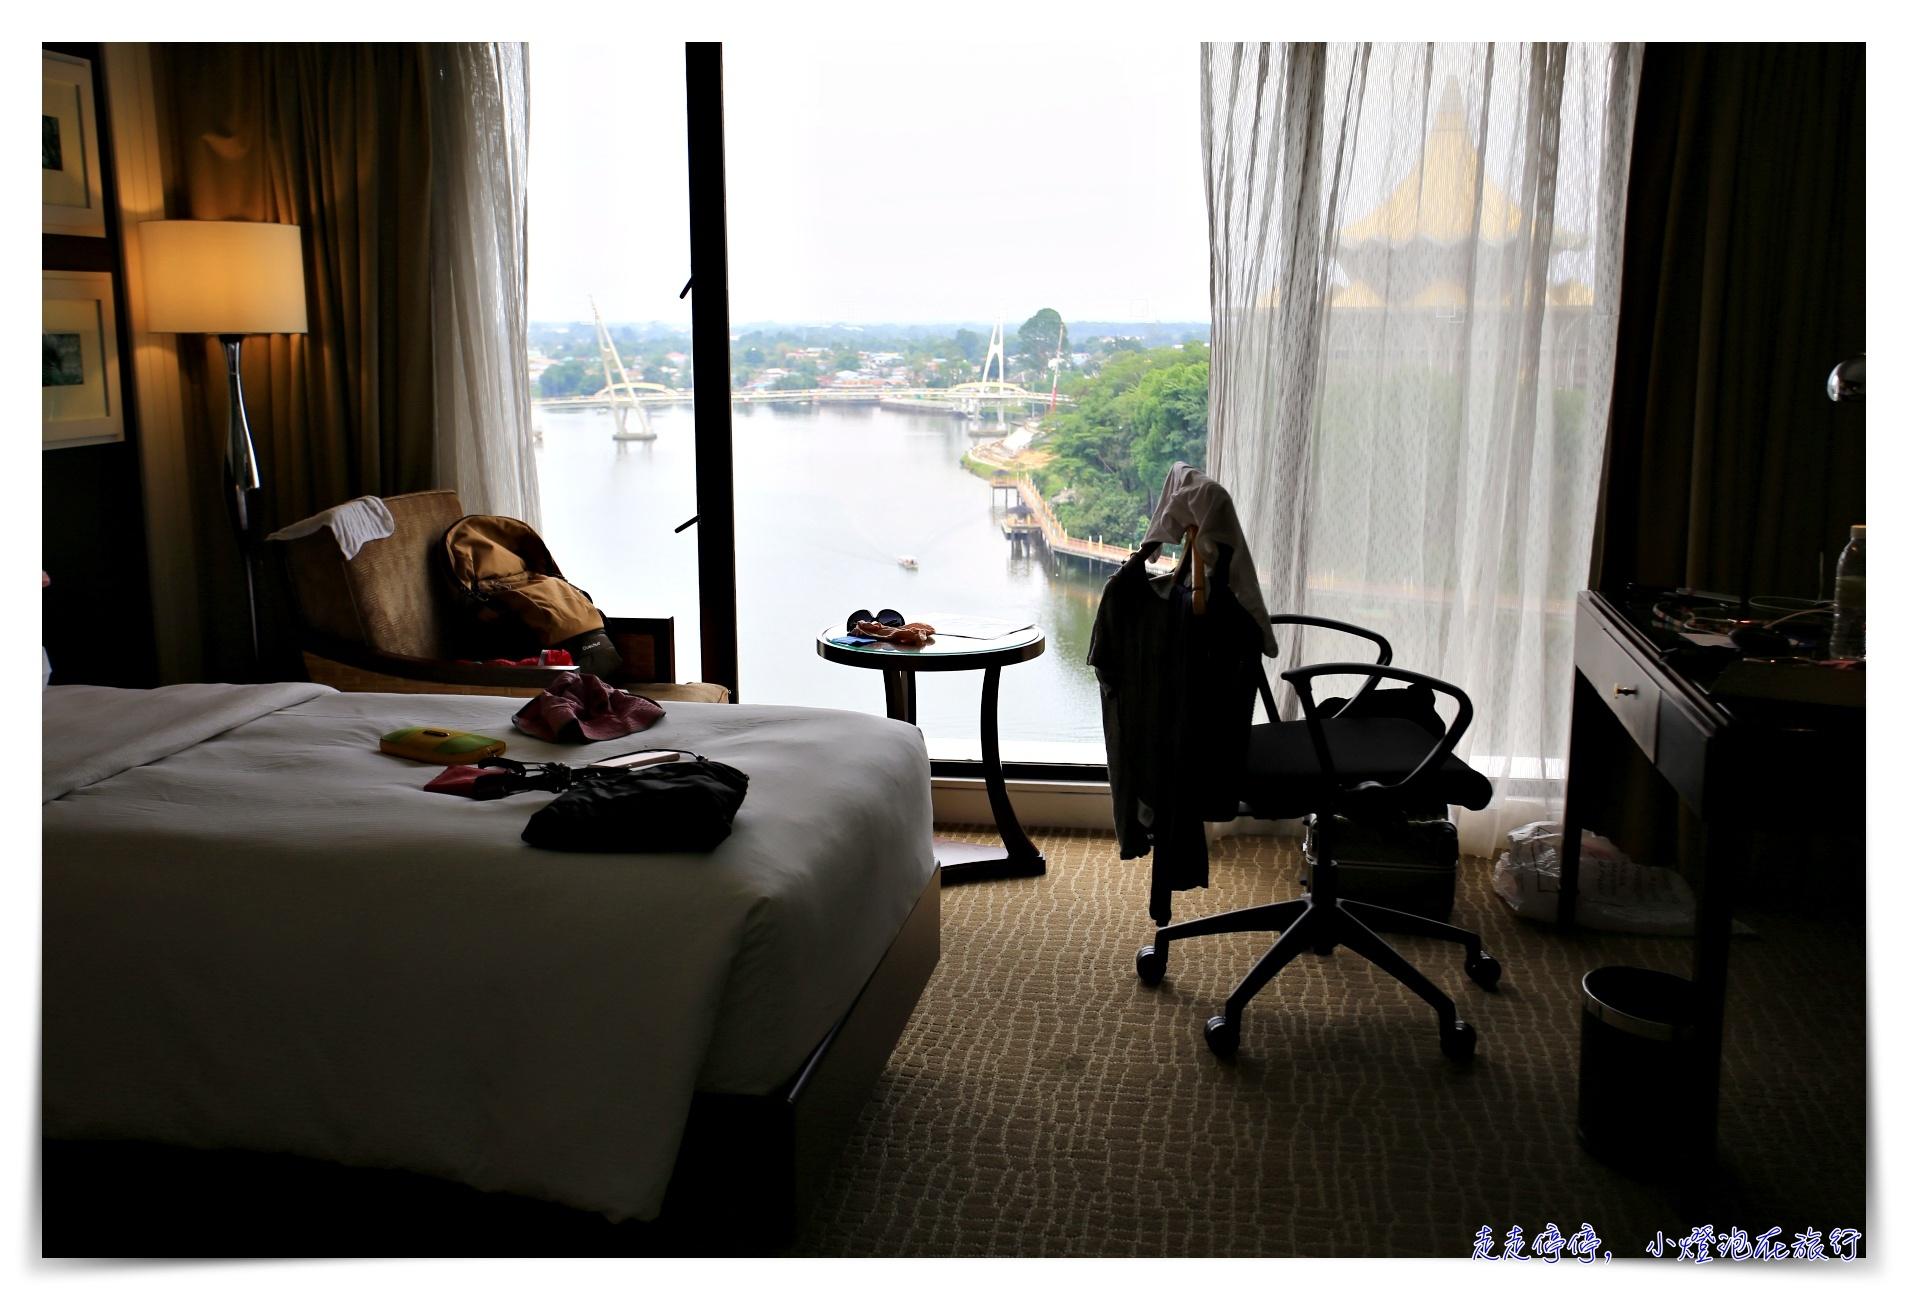 即時熱門文章:古晉希爾頓|世界上數一數二便宜的星級飯店,為了這個去古晉旅行都可以~